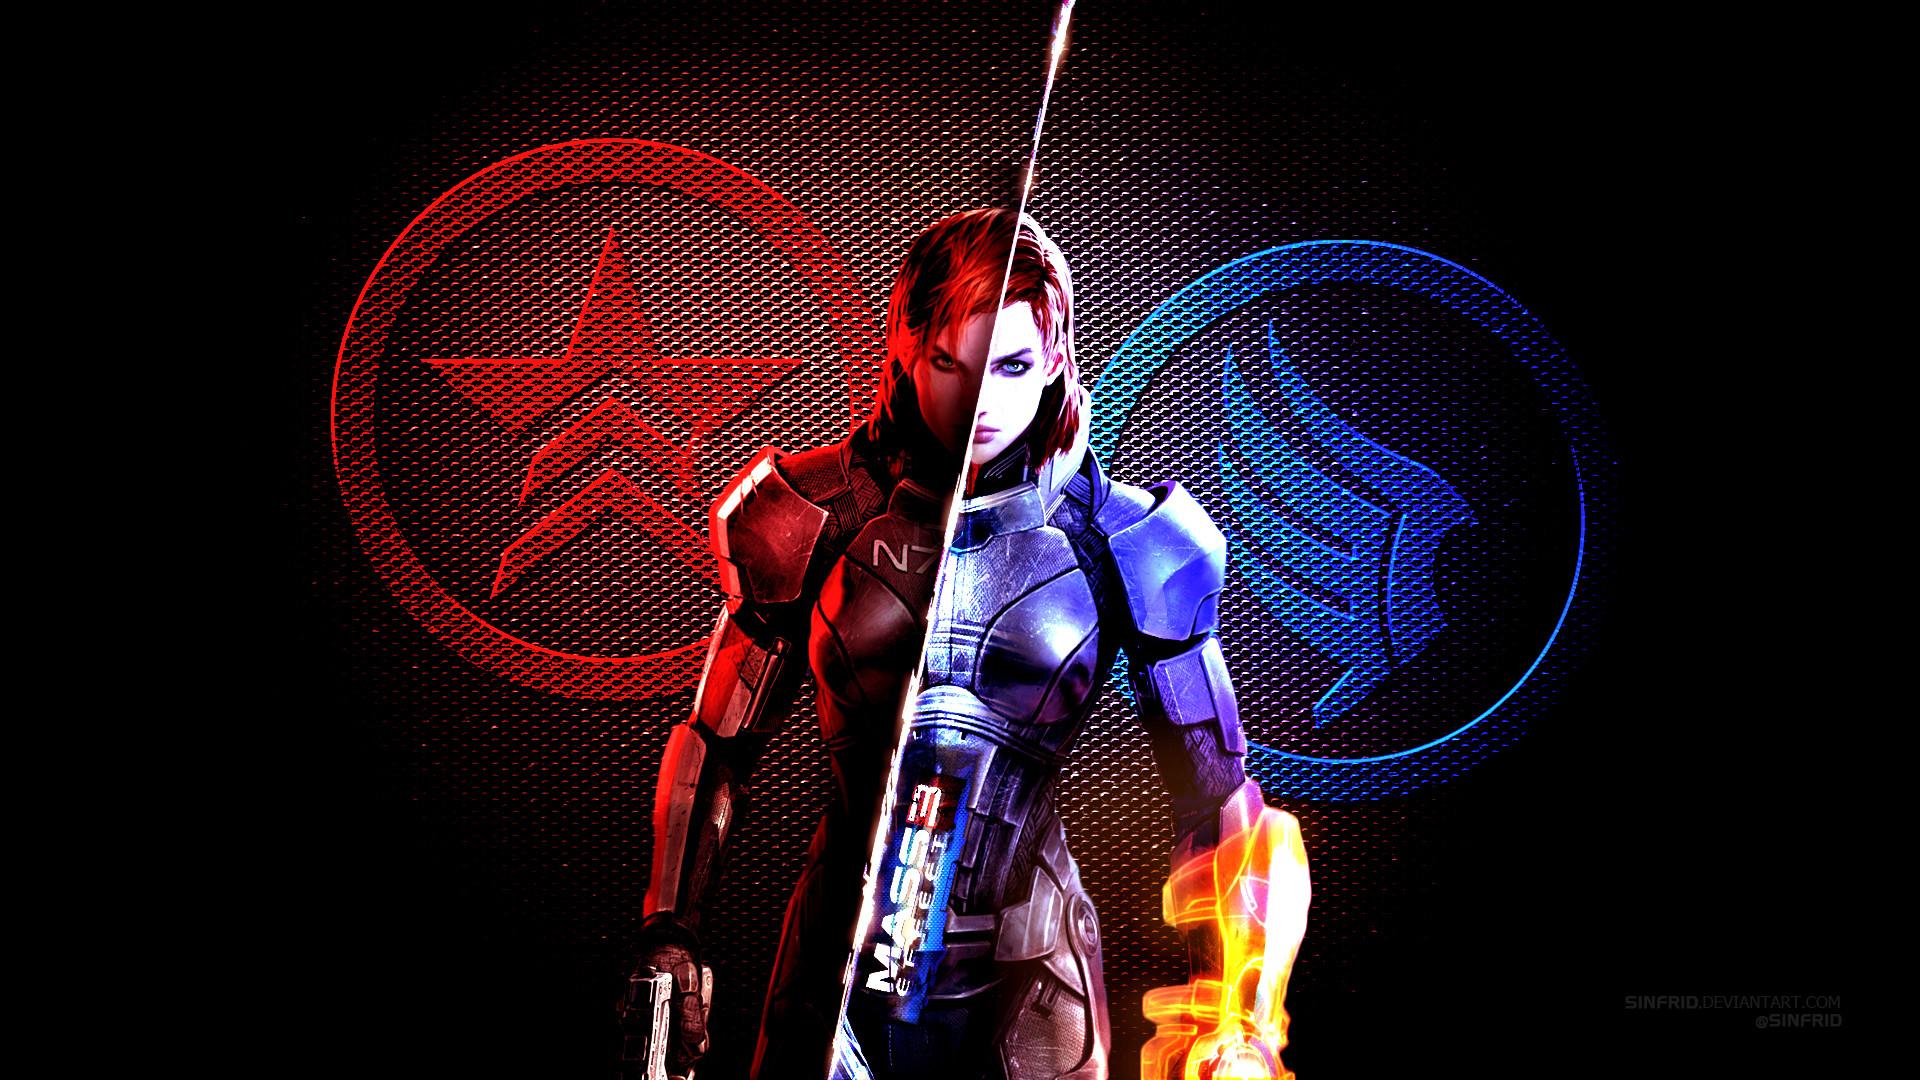 … Mass Effect 3 Wallpaper 02 by Sinfrid